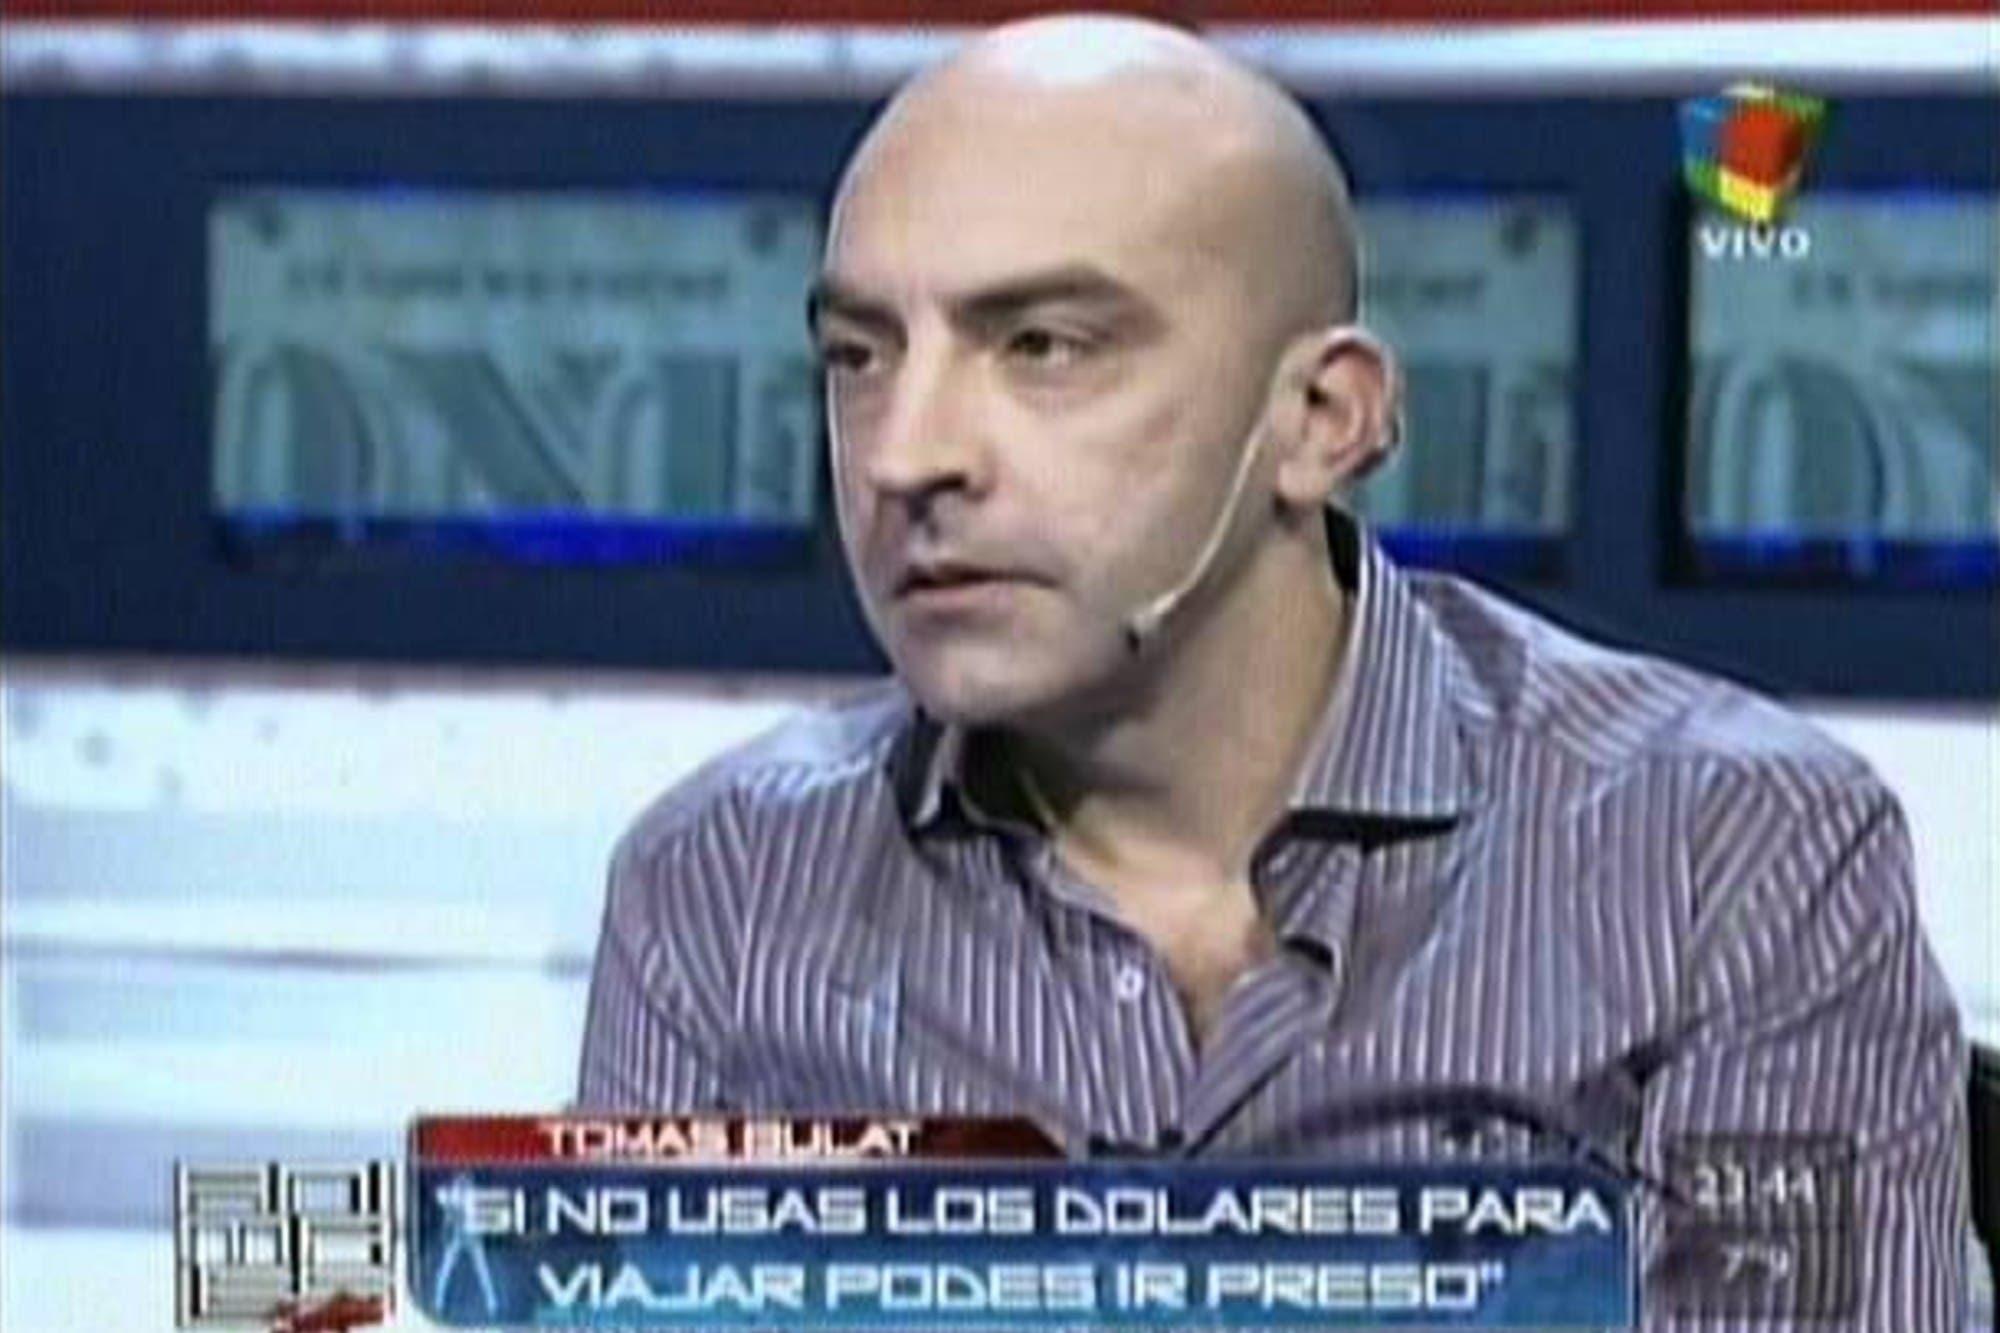 """Dólar: la """"clase magistral"""" que dio Tomás Bulat en 2012 y que todavía sigue vigente"""